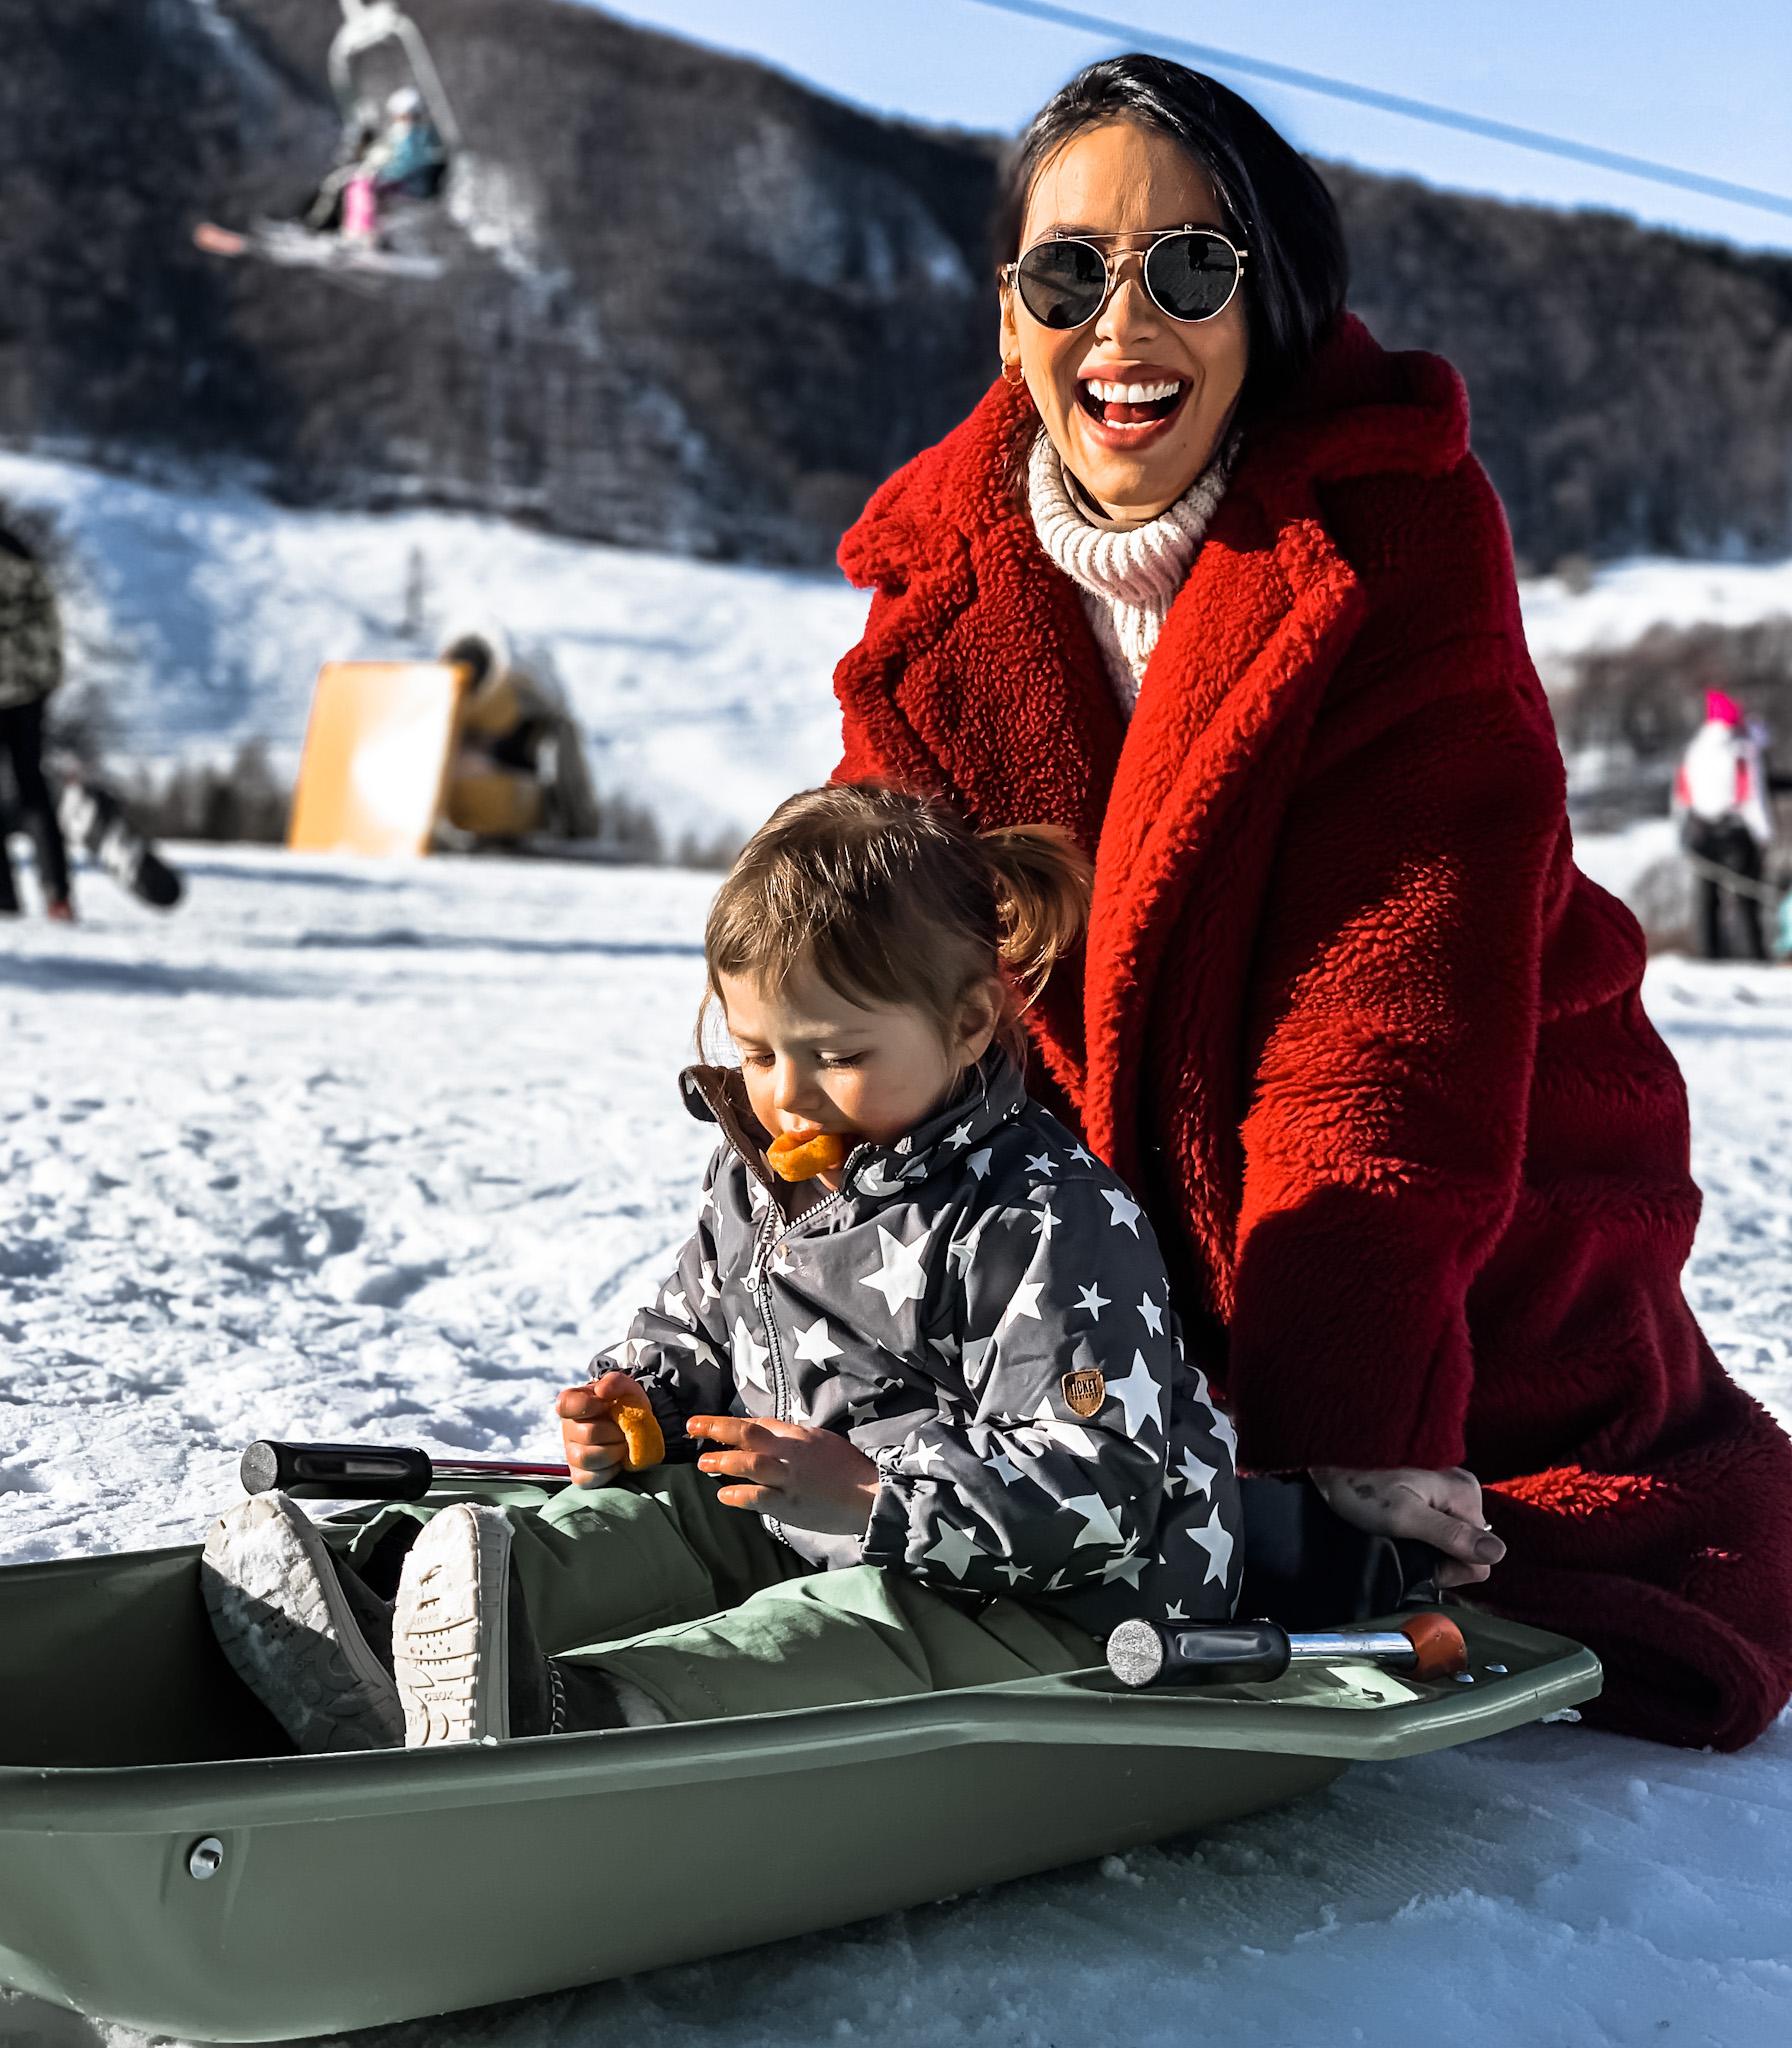 Il nostro viaggio invernale in Trentino